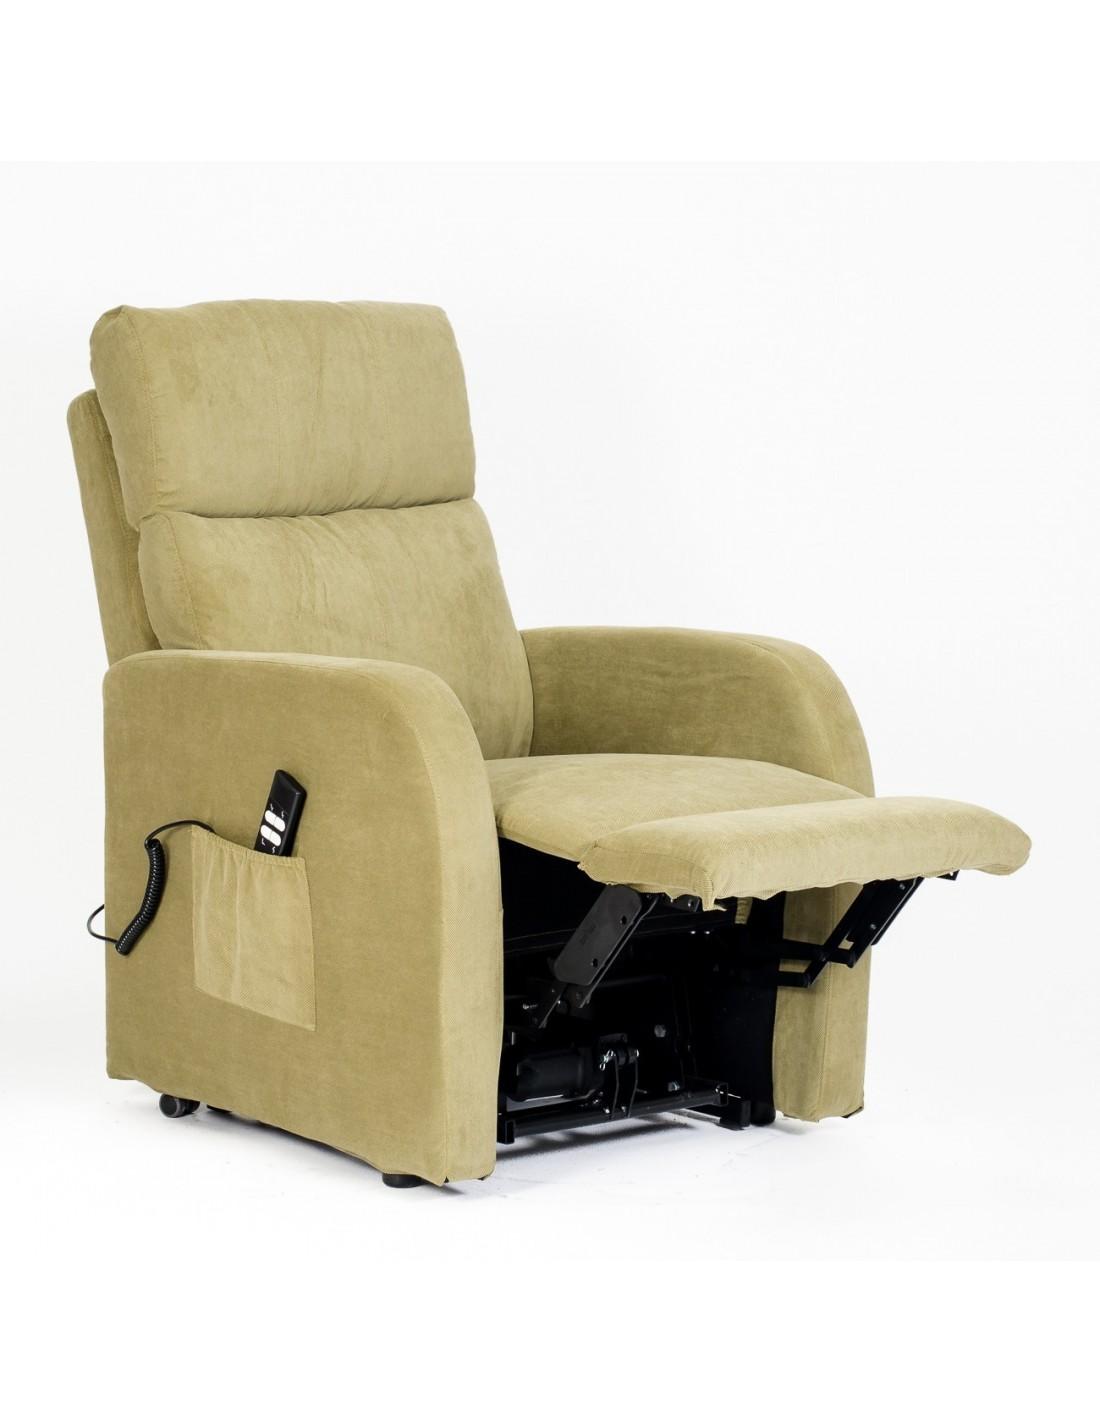 Relax Anziani Lift Sicurezza CE Medicale DETRAIBILE 19/% SIME POLTRONE Poltrona elevabile elettrica reclinabile Betty-1M-TABRO Marrone antimacchia micromolle No Montaggio